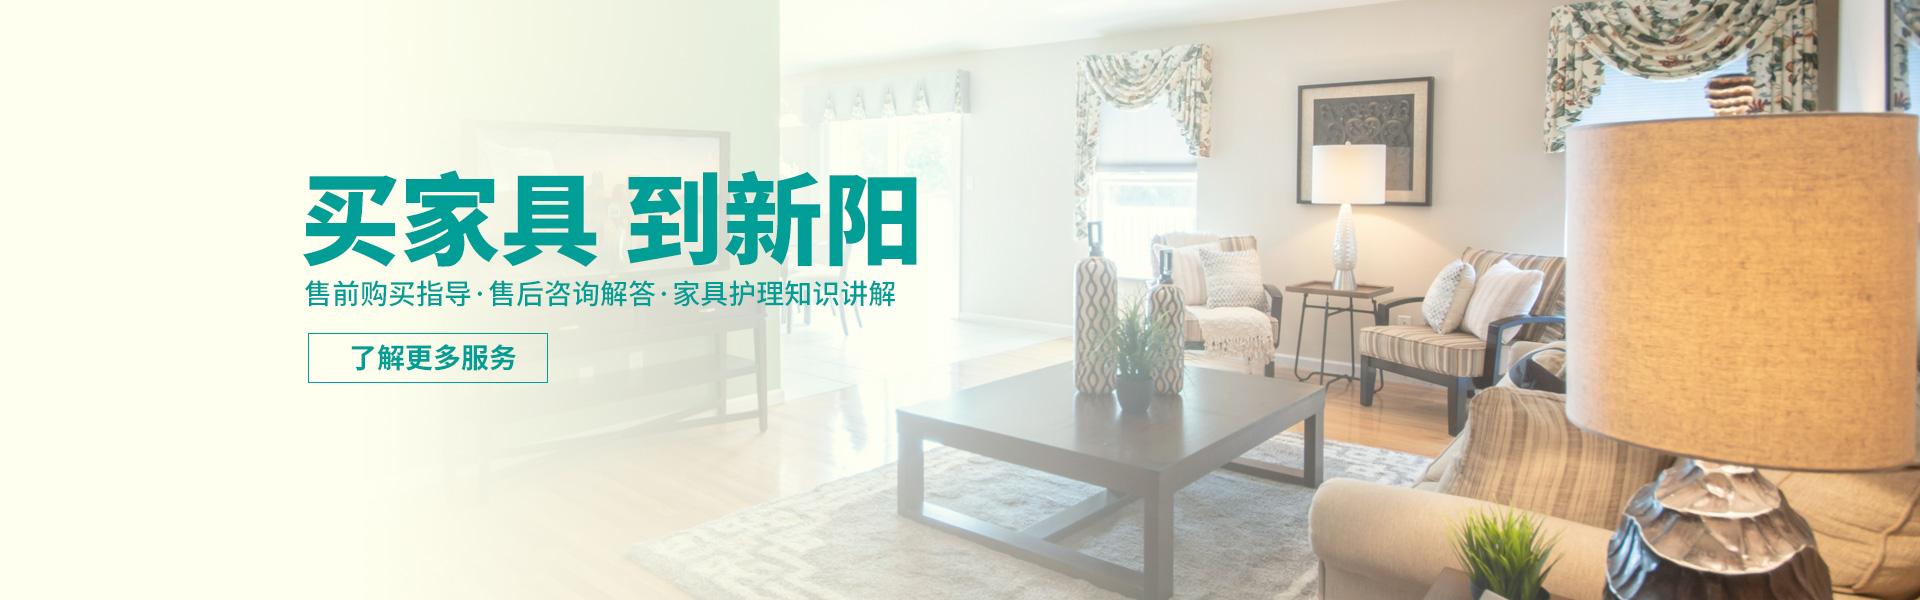 沂南县新阳家具厂主要生产电视柜,茶几及其配件,款式多样,环保,,可进行产品订制,可加工任何板材产品,了解更多,欢迎来电咨询:13625499789